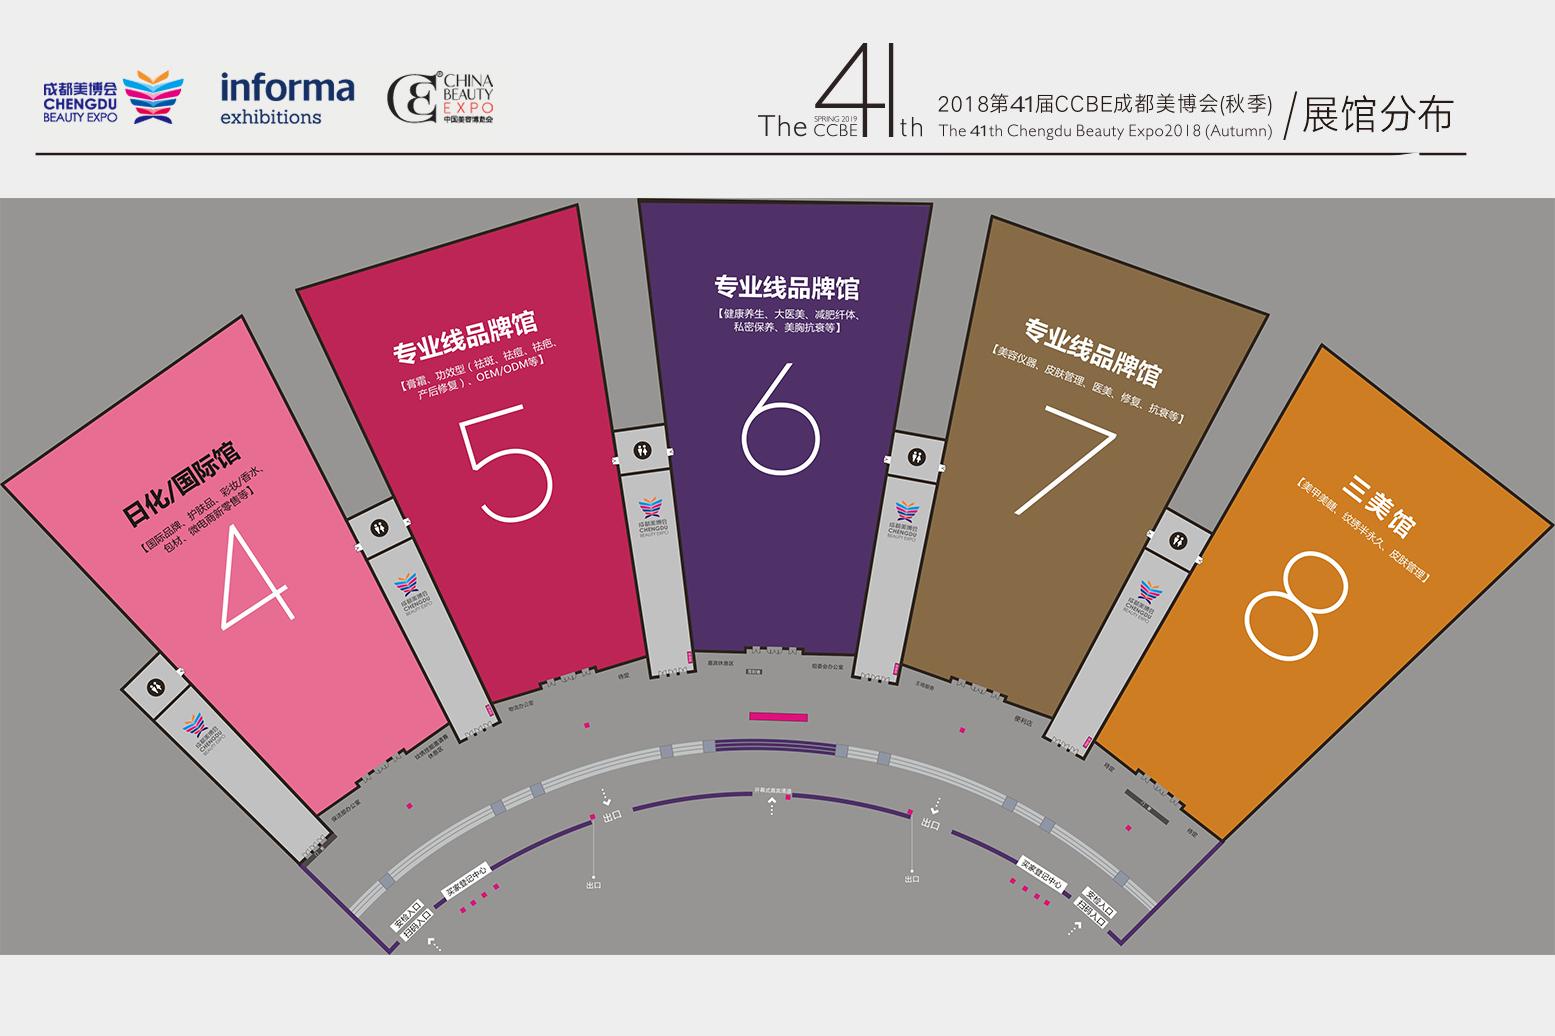 41展馆分布图.jpg